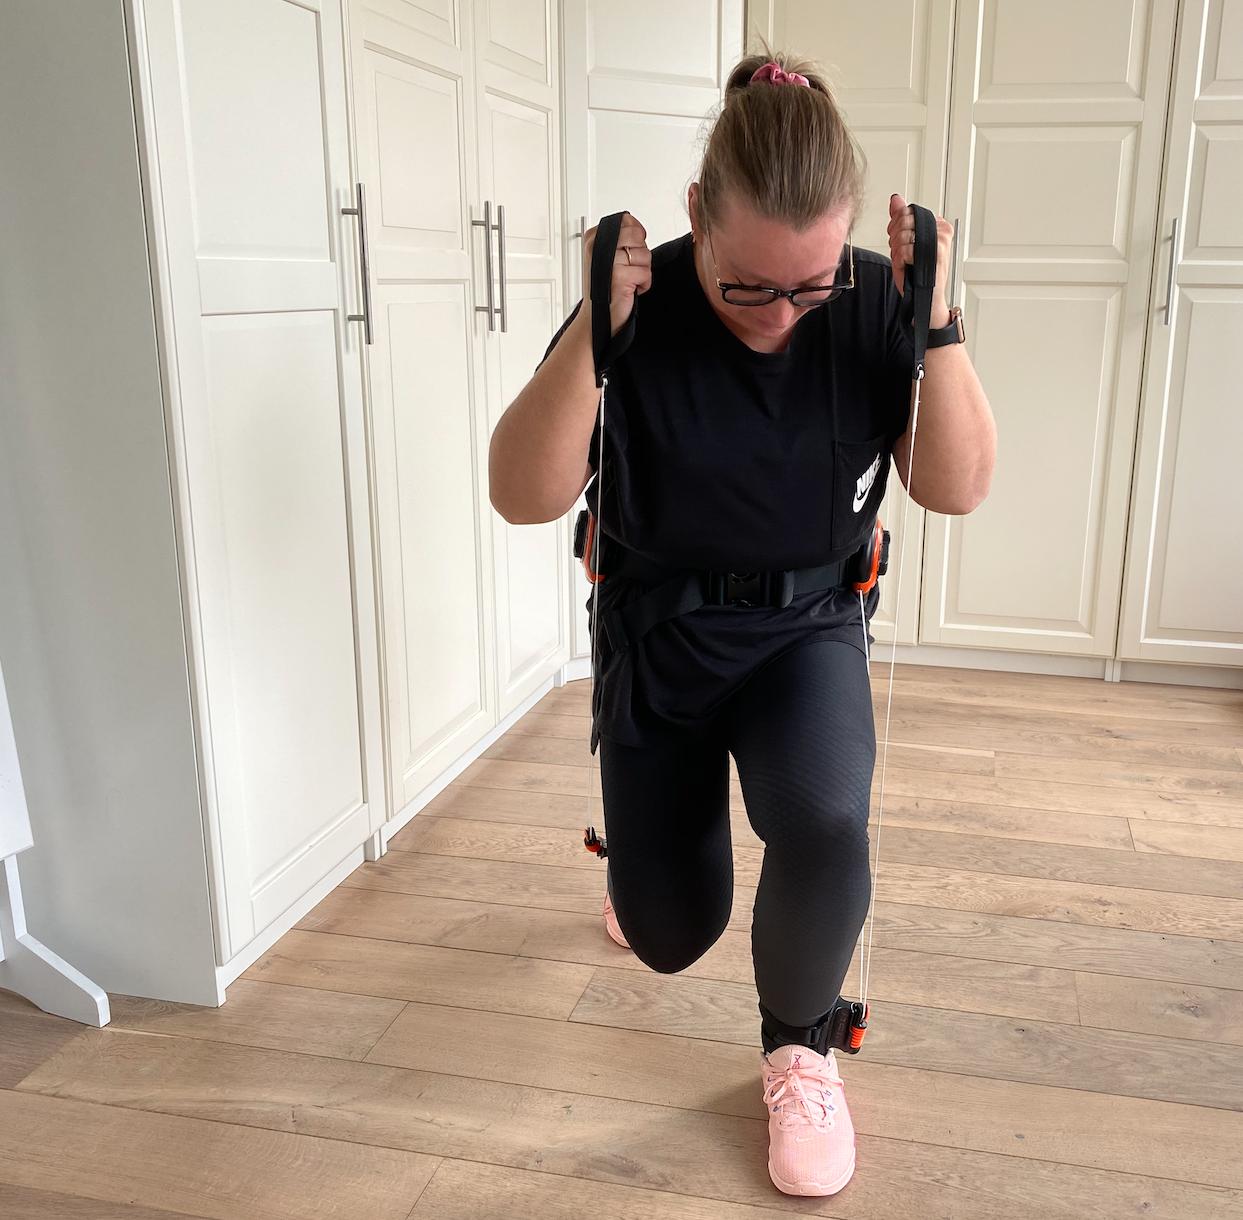 Thuis tien minuten per dag sporten met DISQ: mijn ervaring